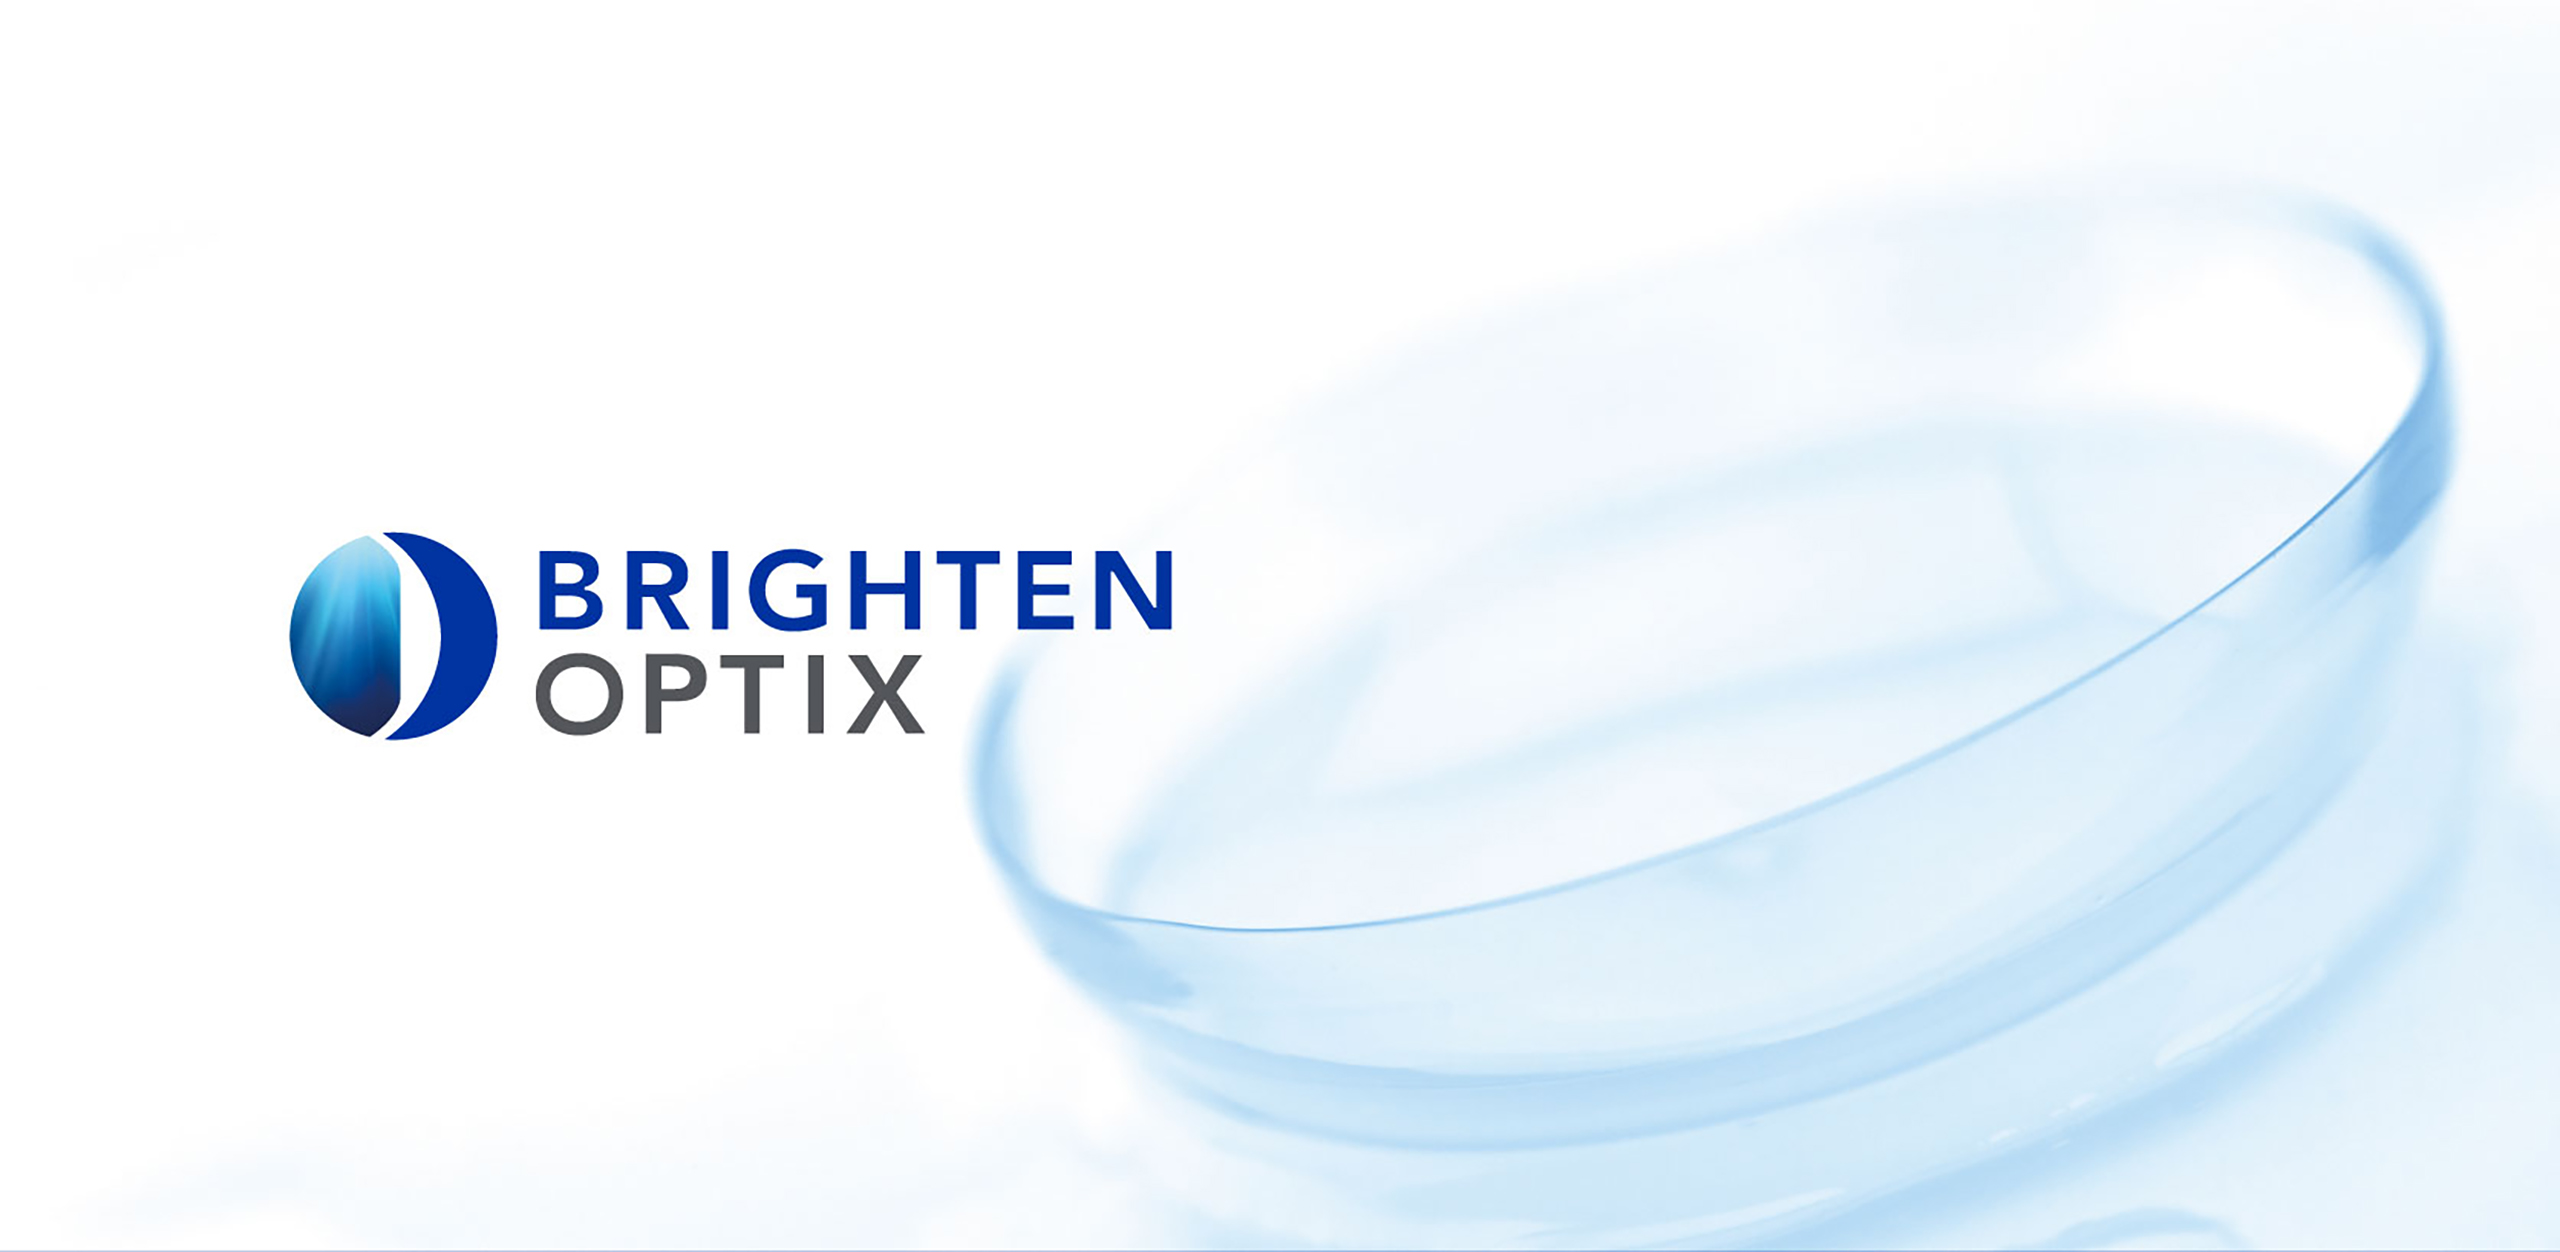 BRIGHTEN 品牌形象規劃